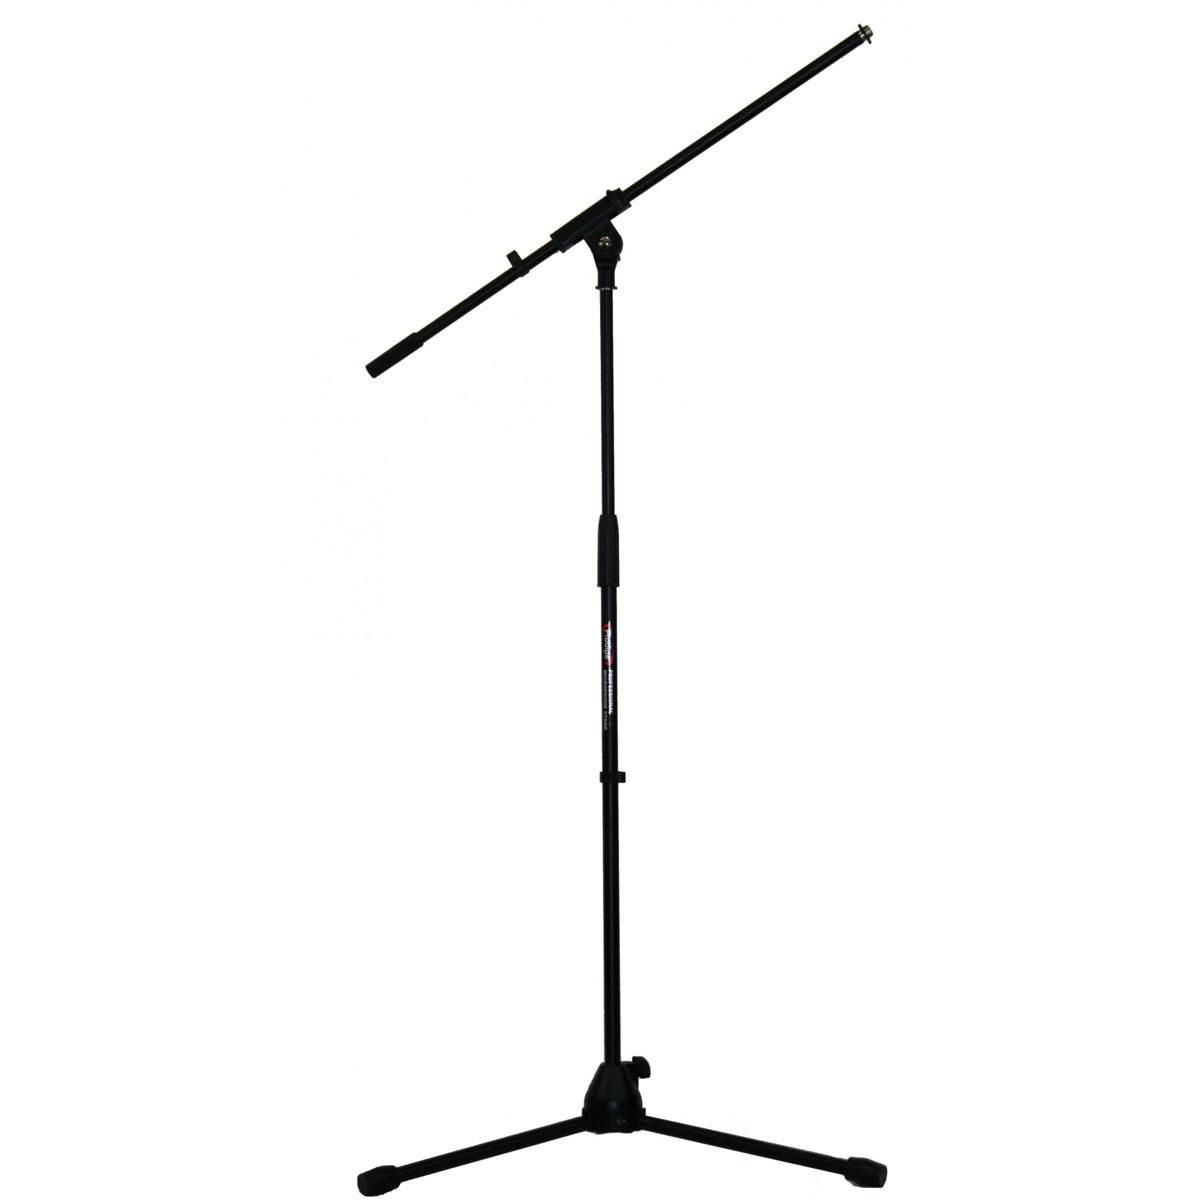 prodipe pied perche ajustable pour microphone accessoires home studio prodipe sur ldlc. Black Bedroom Furniture Sets. Home Design Ideas